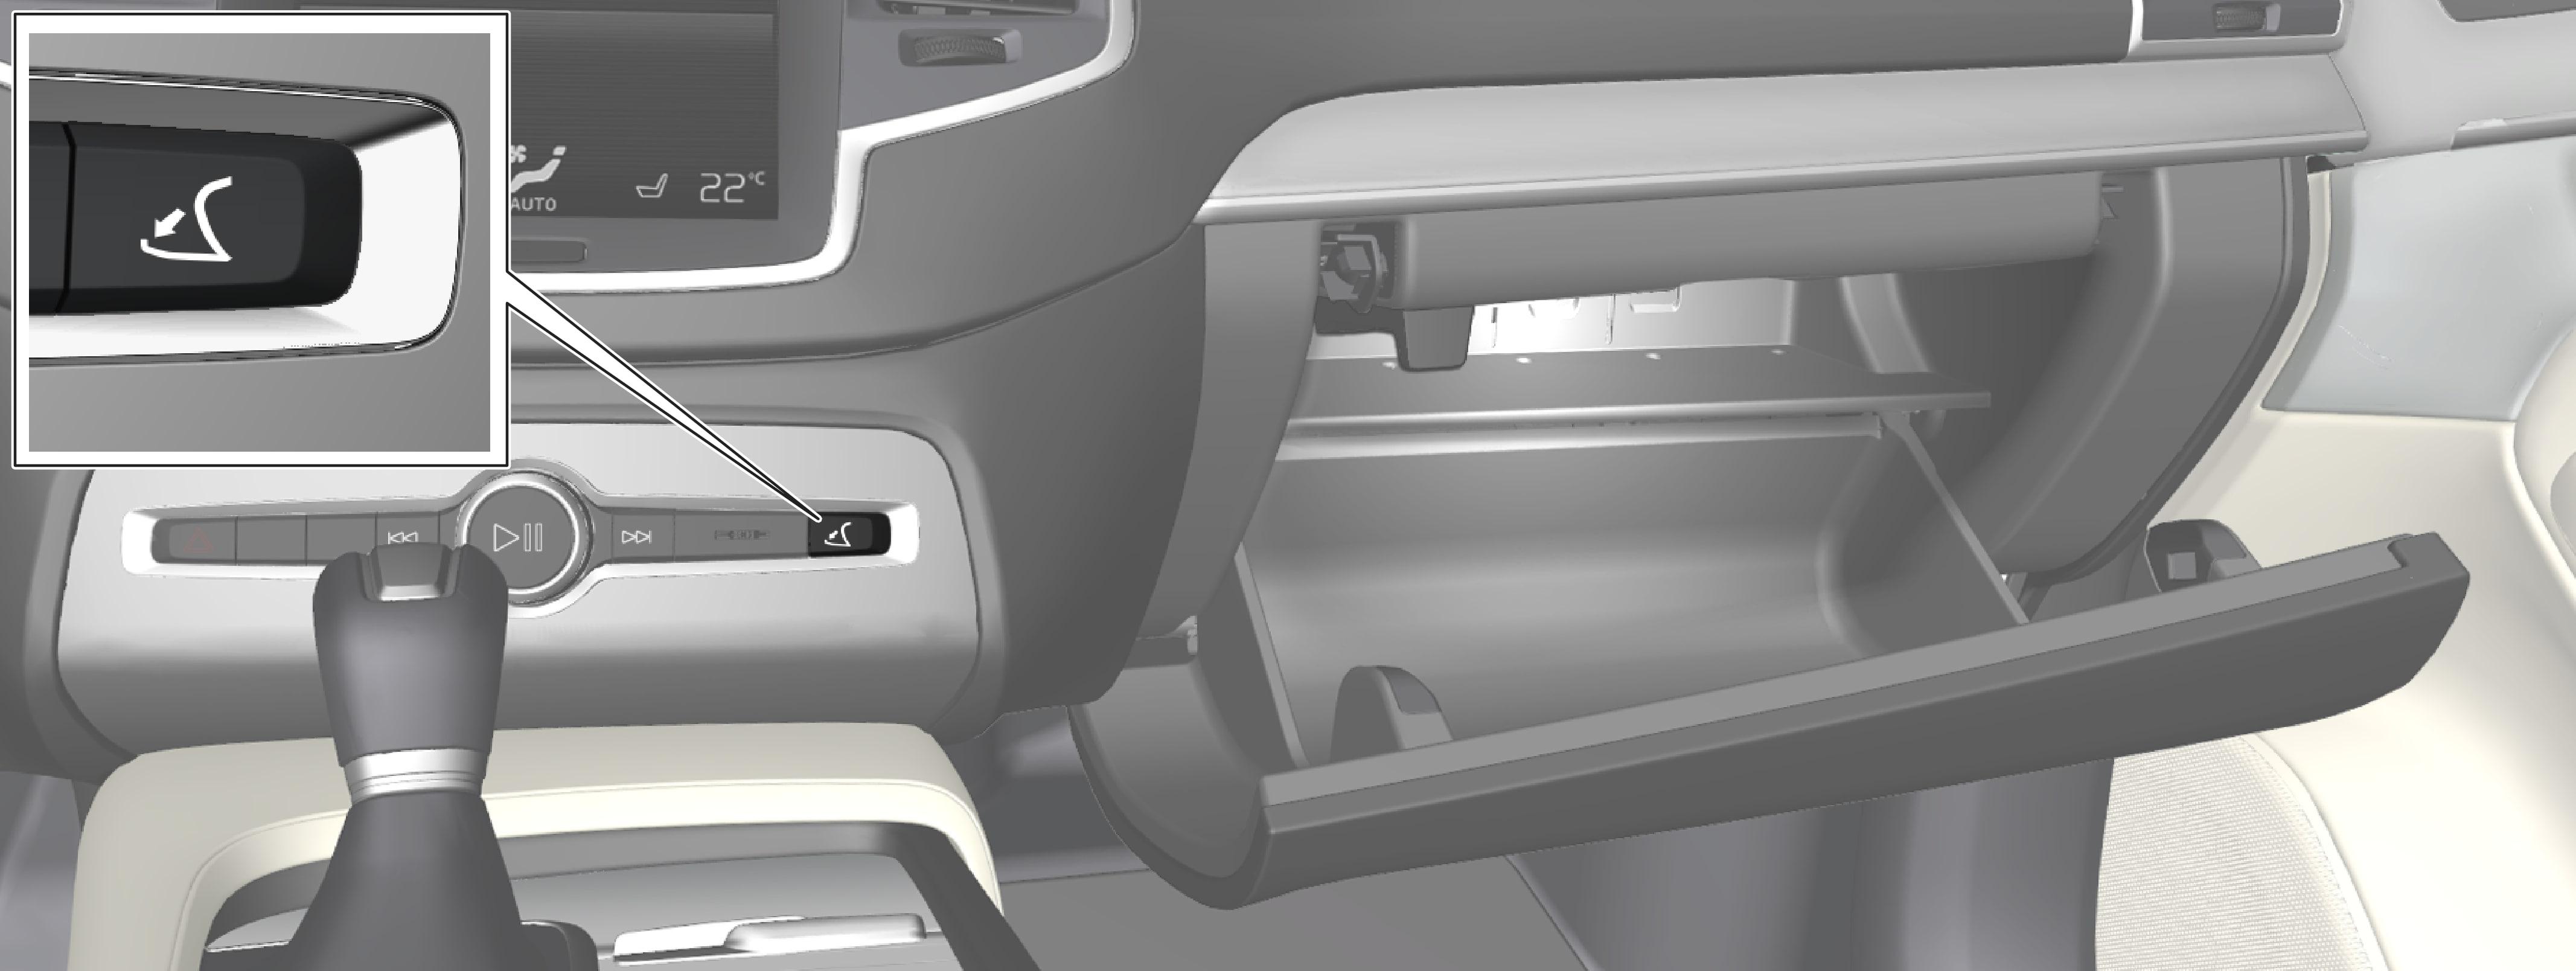 P5-1507–Interior–Glovebox